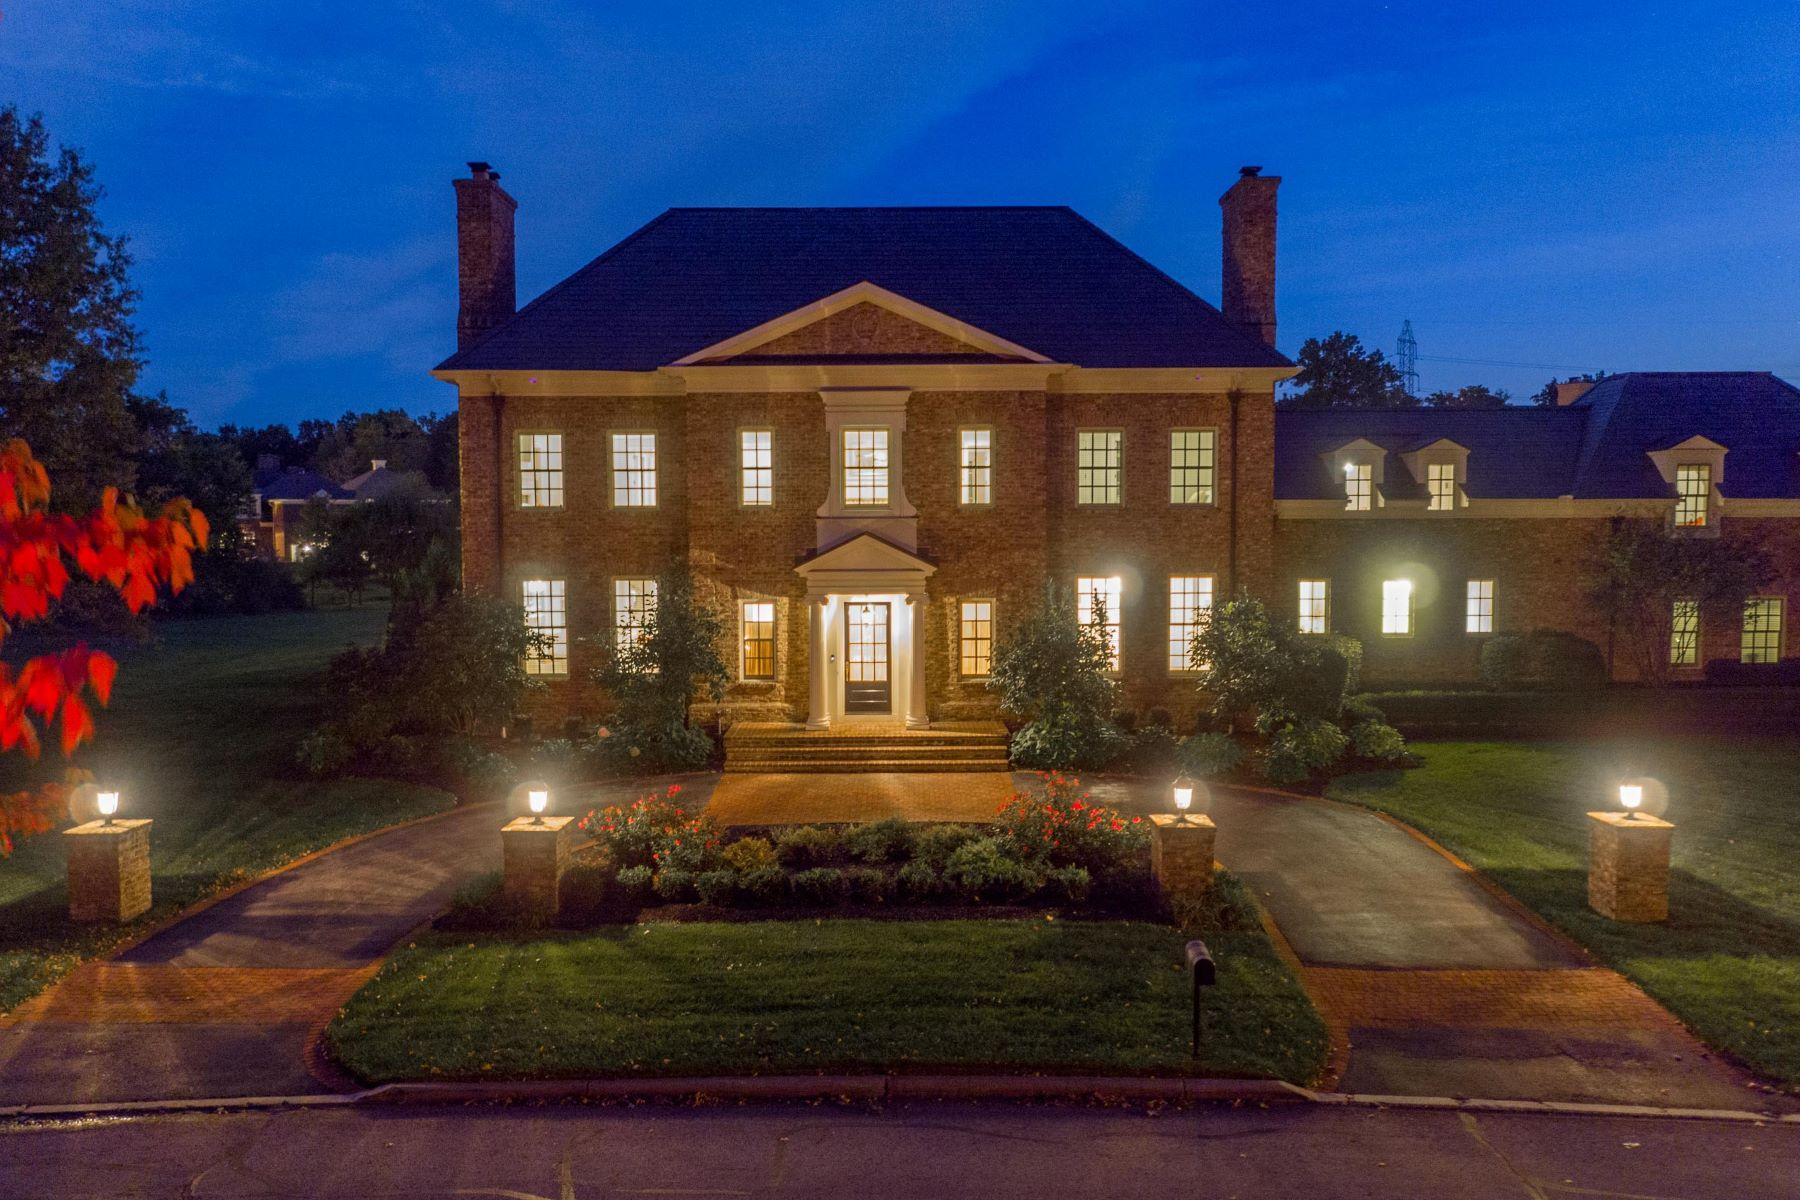 独户住宅 为 销售 在 7305 Lambton Green South 新奥尔巴尼, 俄亥俄州, 43054 美国